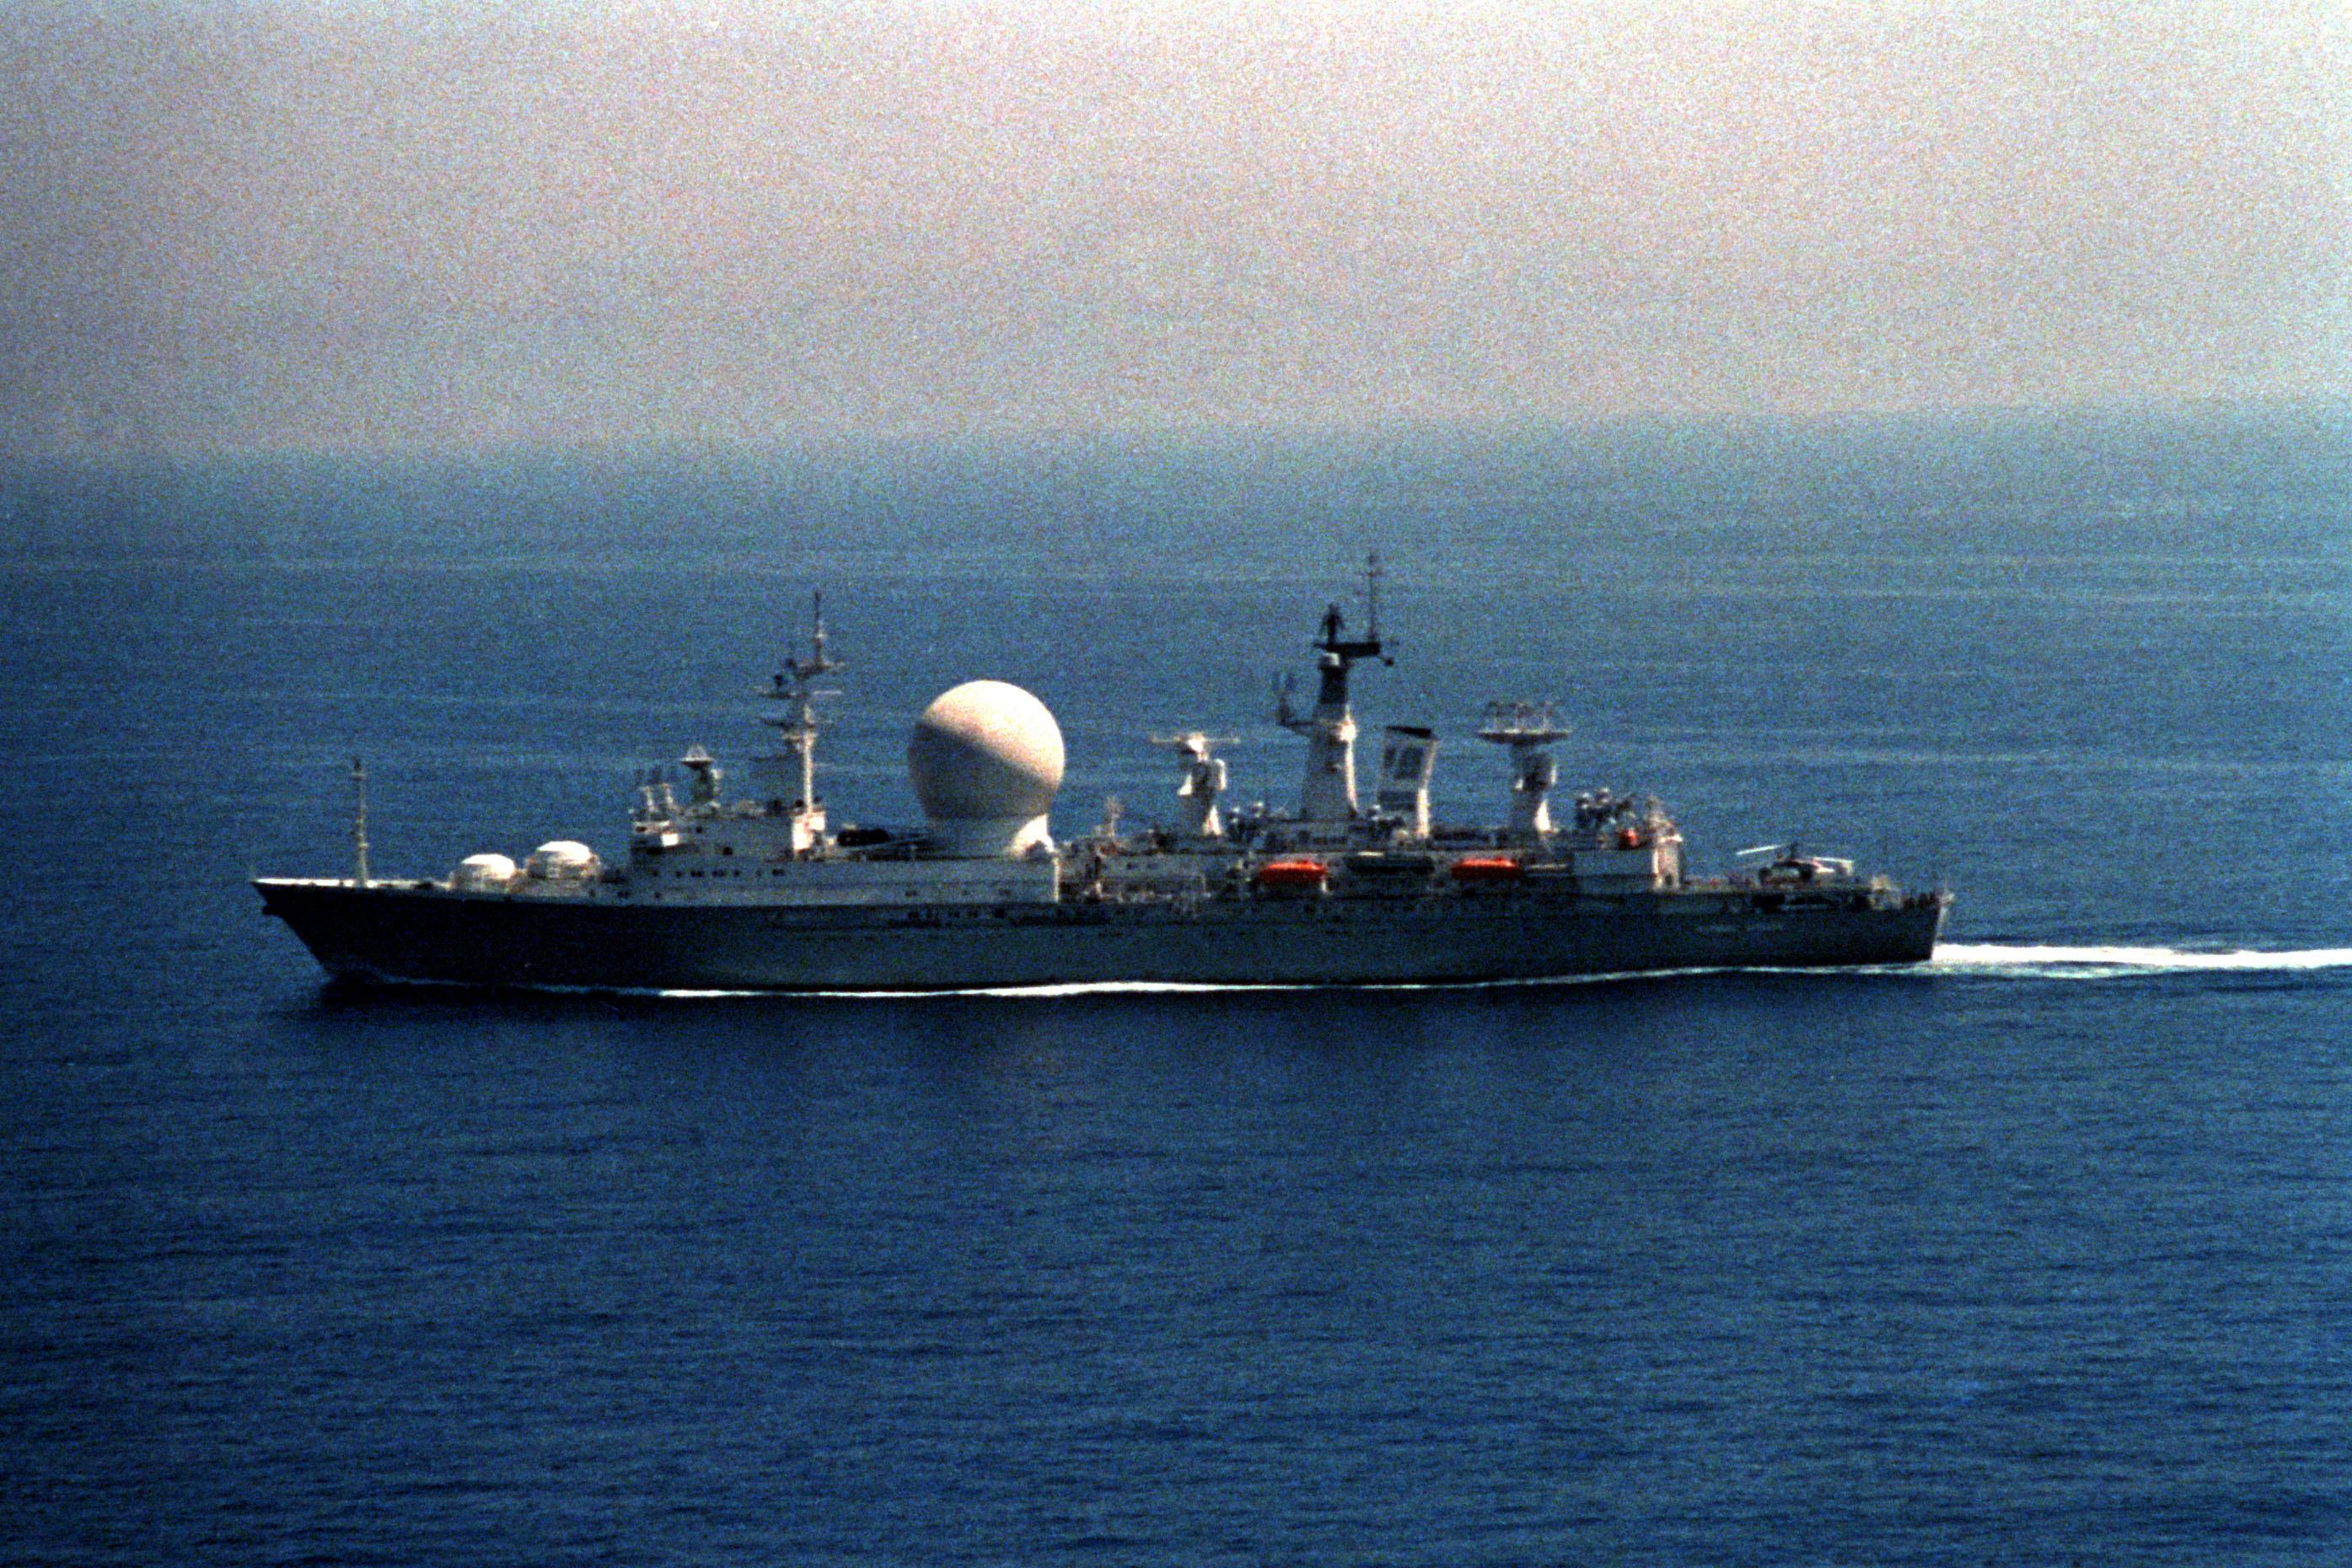 File:missile Range Instrumentation Ship